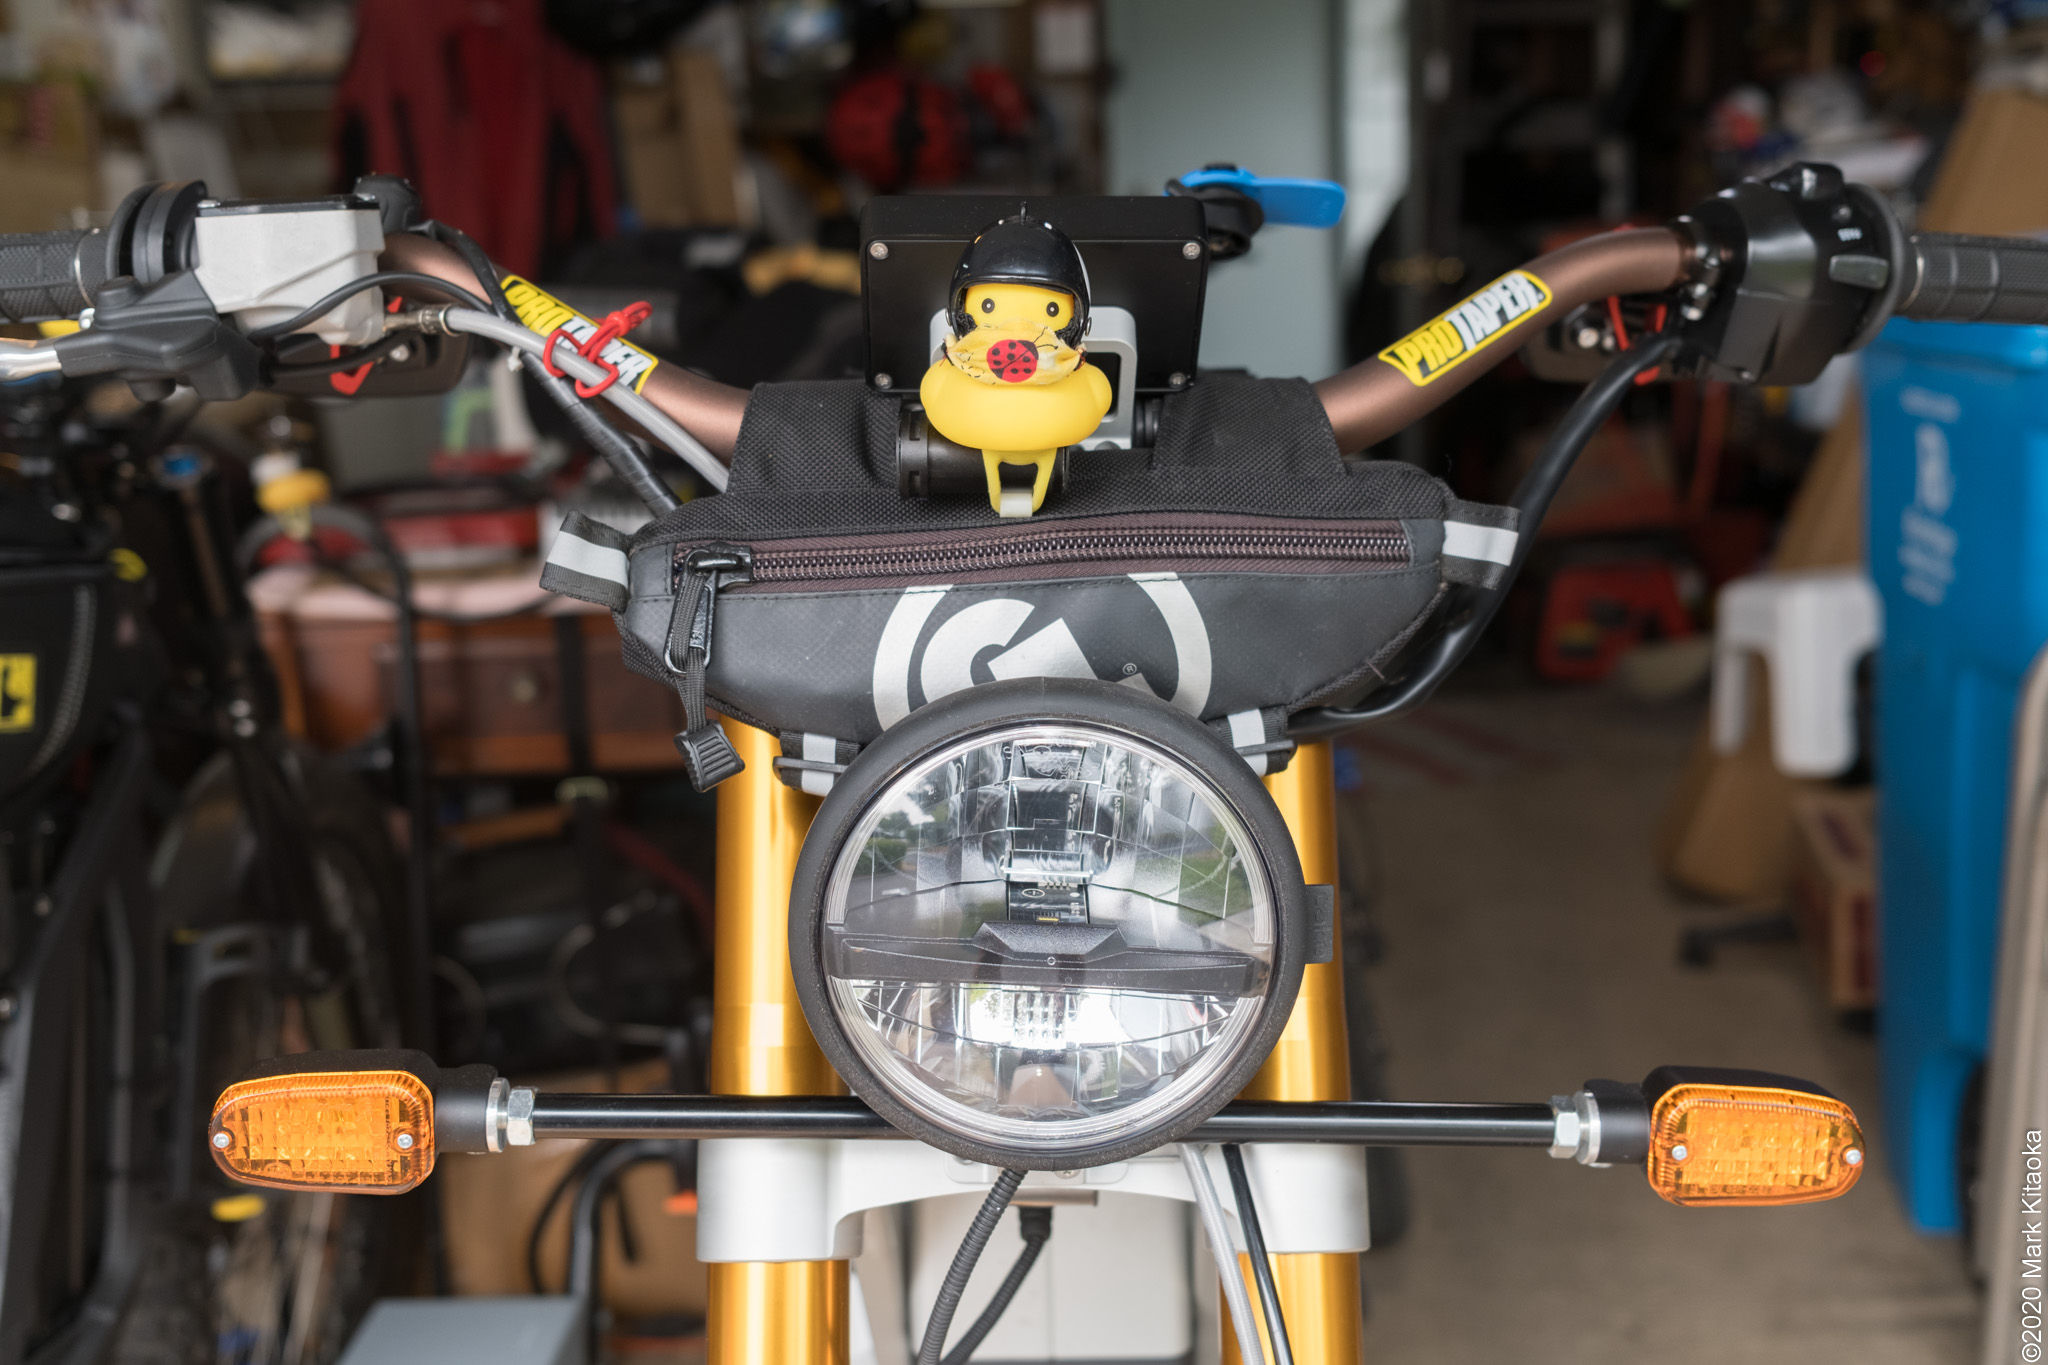 Front shot of the KALK bike